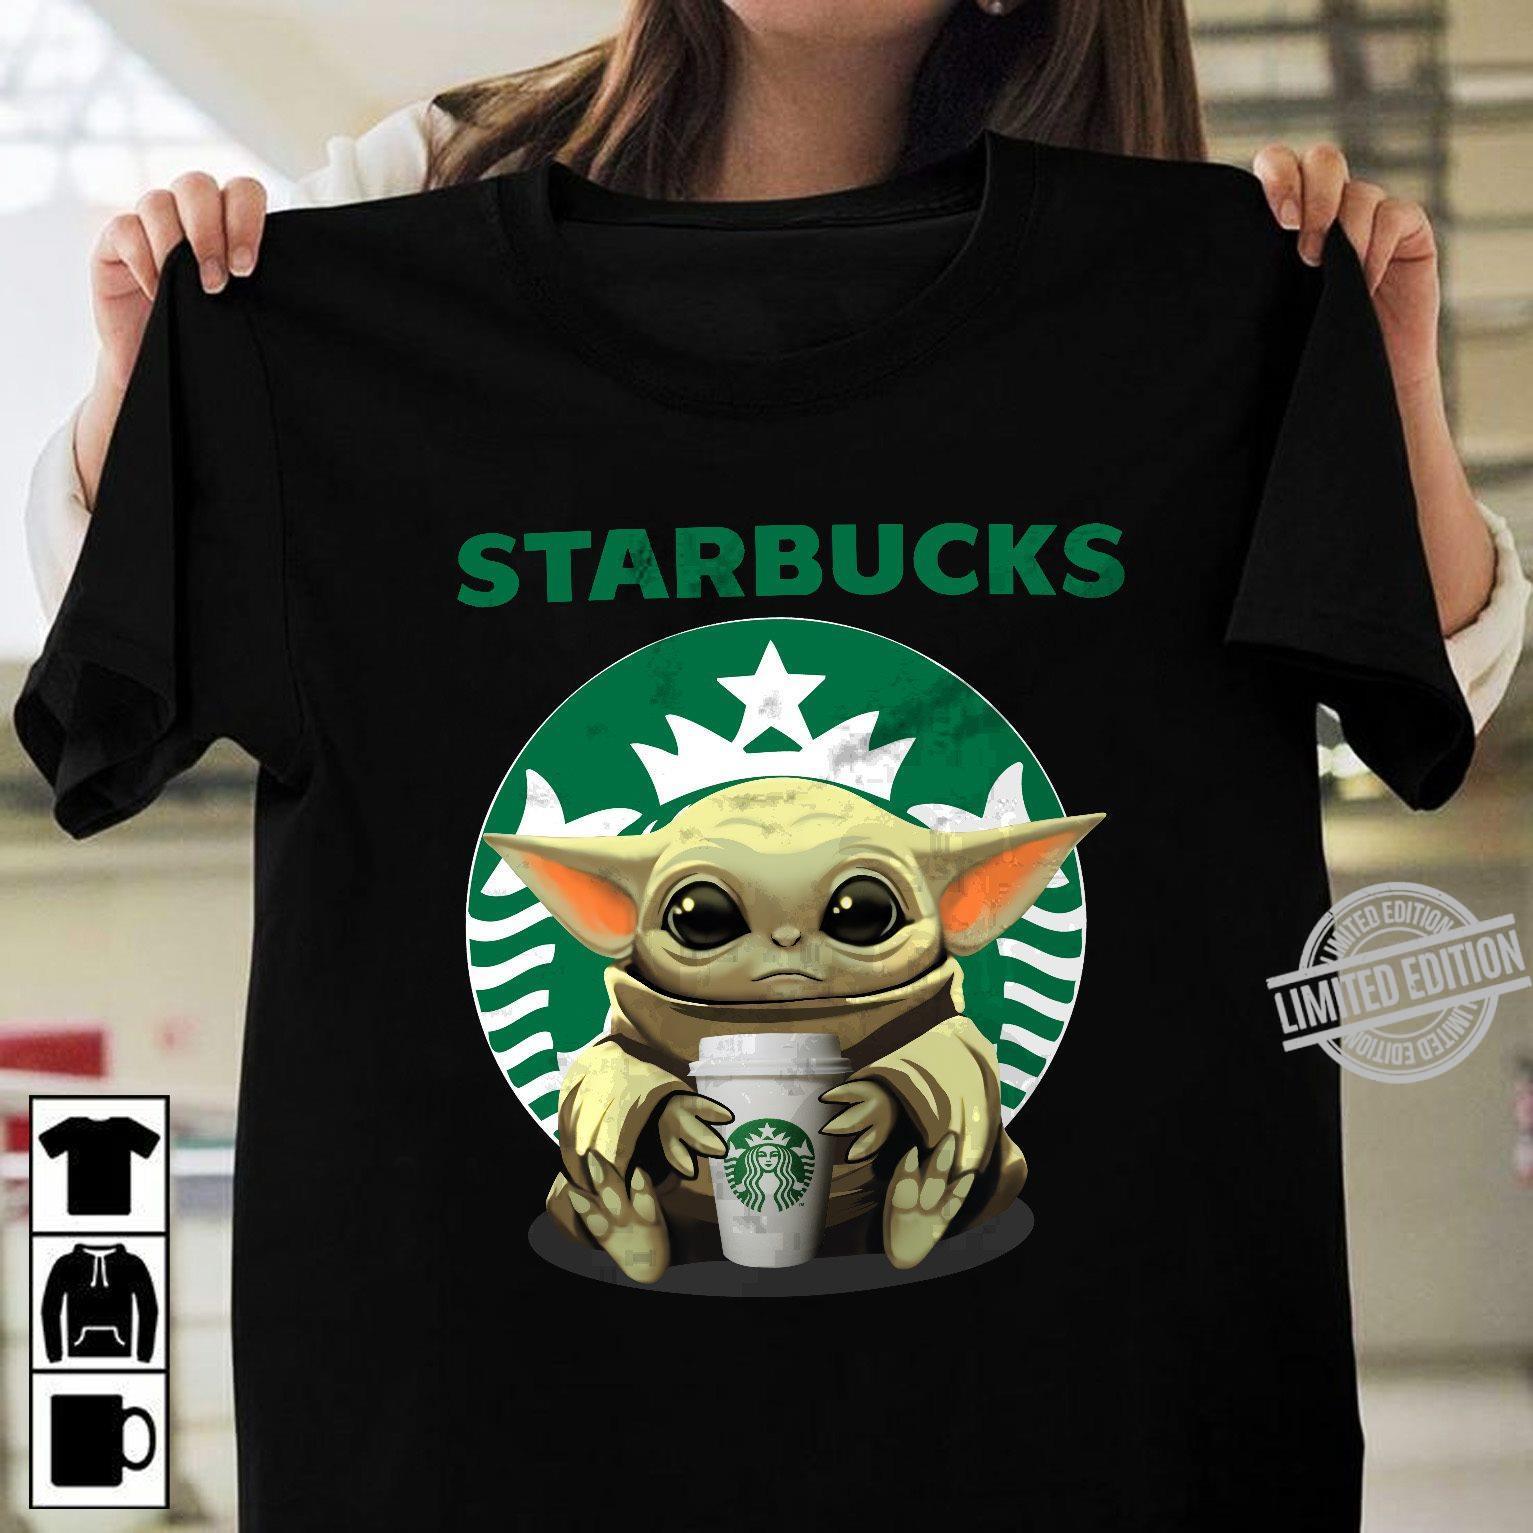 Baby Yoda And Starbucks Shirt